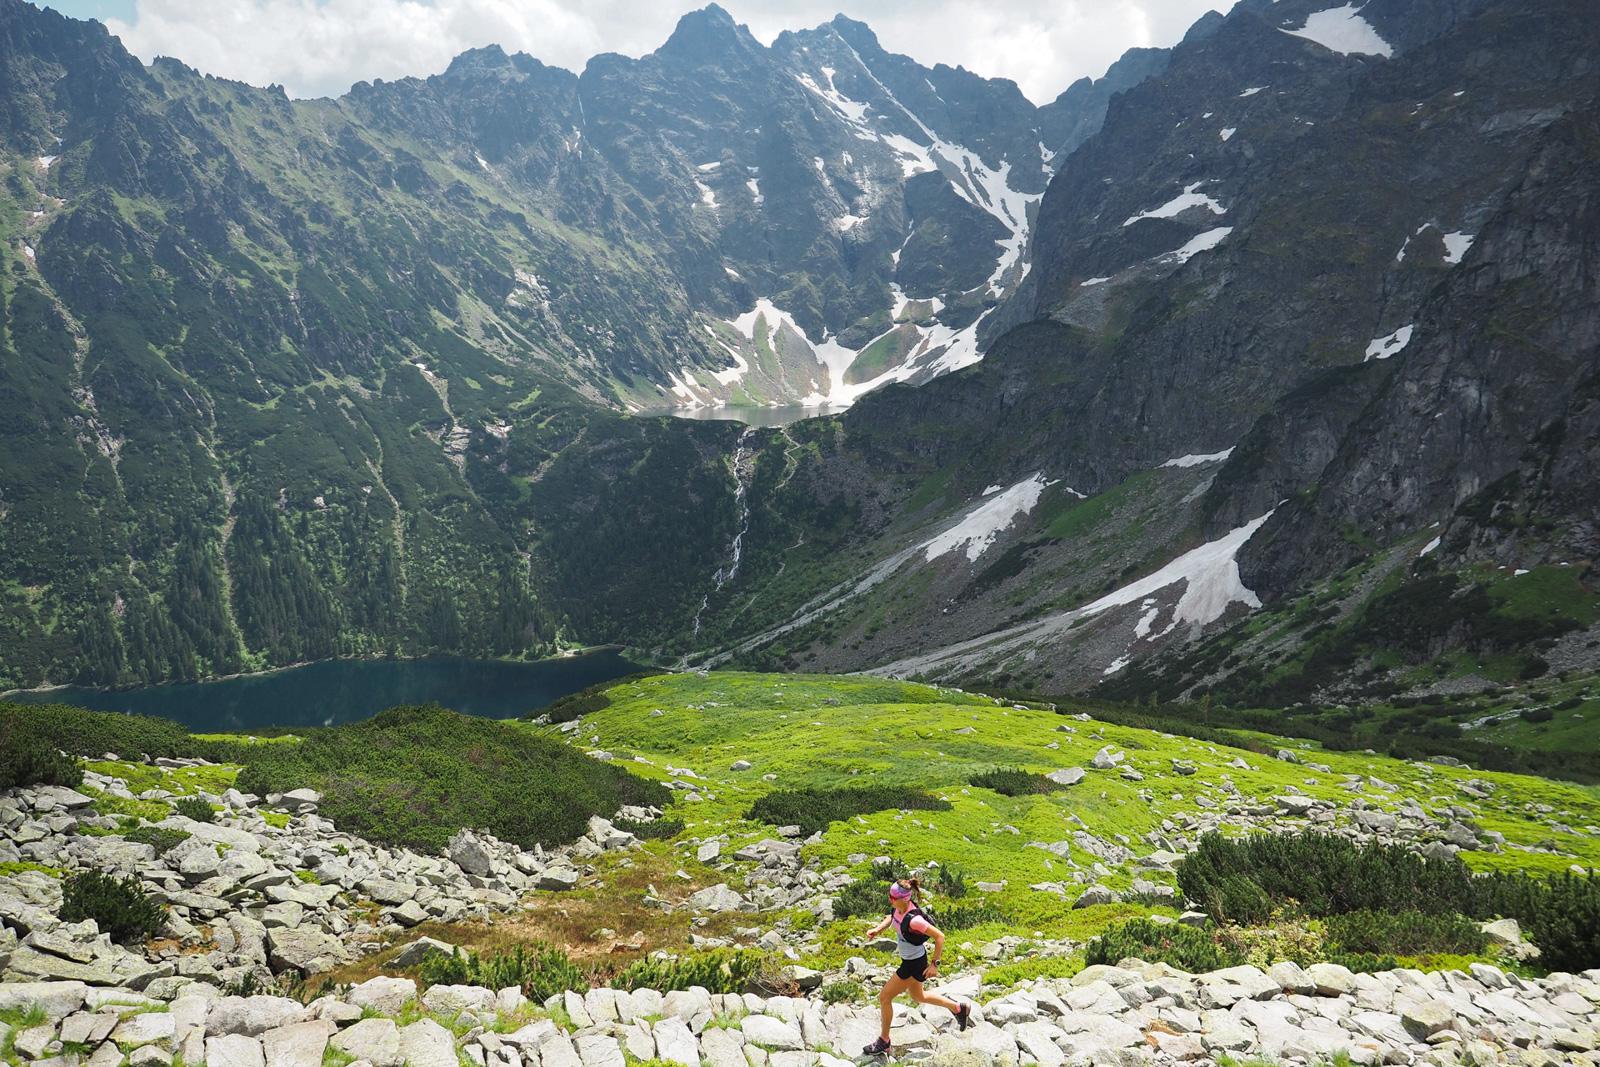 Bieganie w Tatrach, szlak na Szpiglasową Przełęcz, Tatry Wysokie